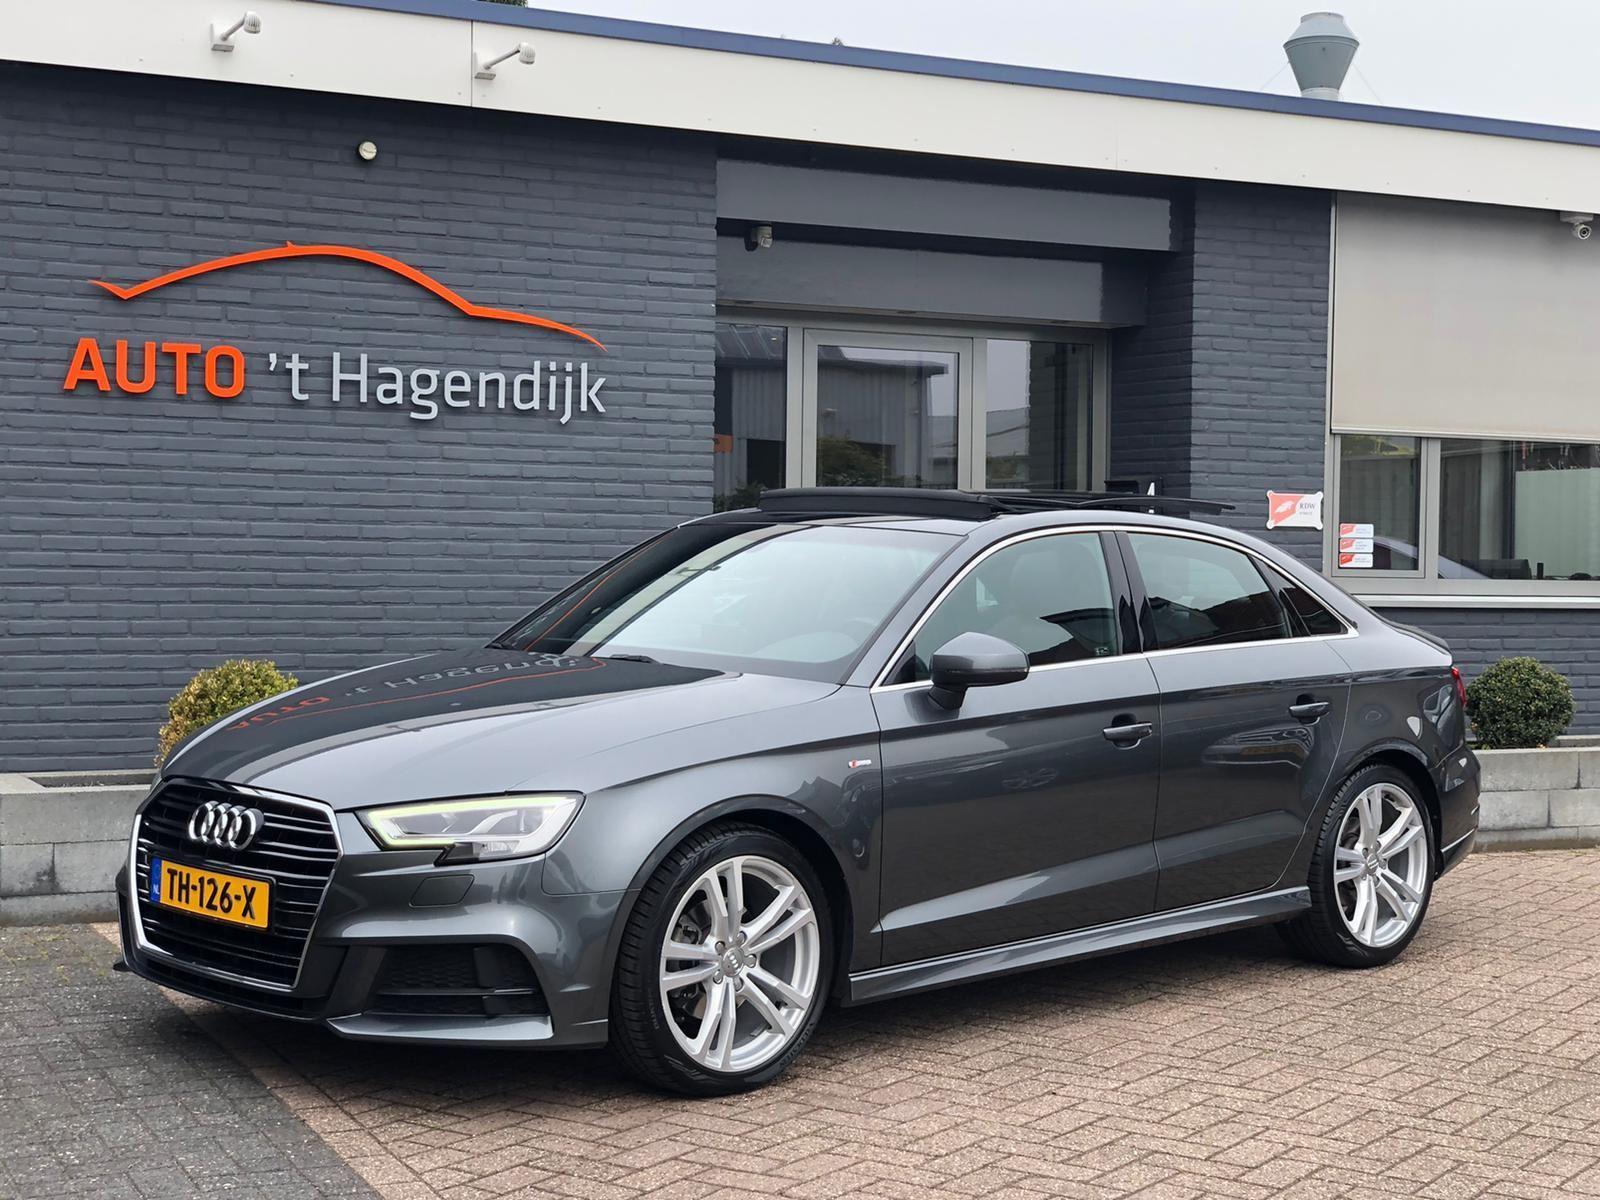 Audi A3 Limousine occasion - Auto 't Hagendijk